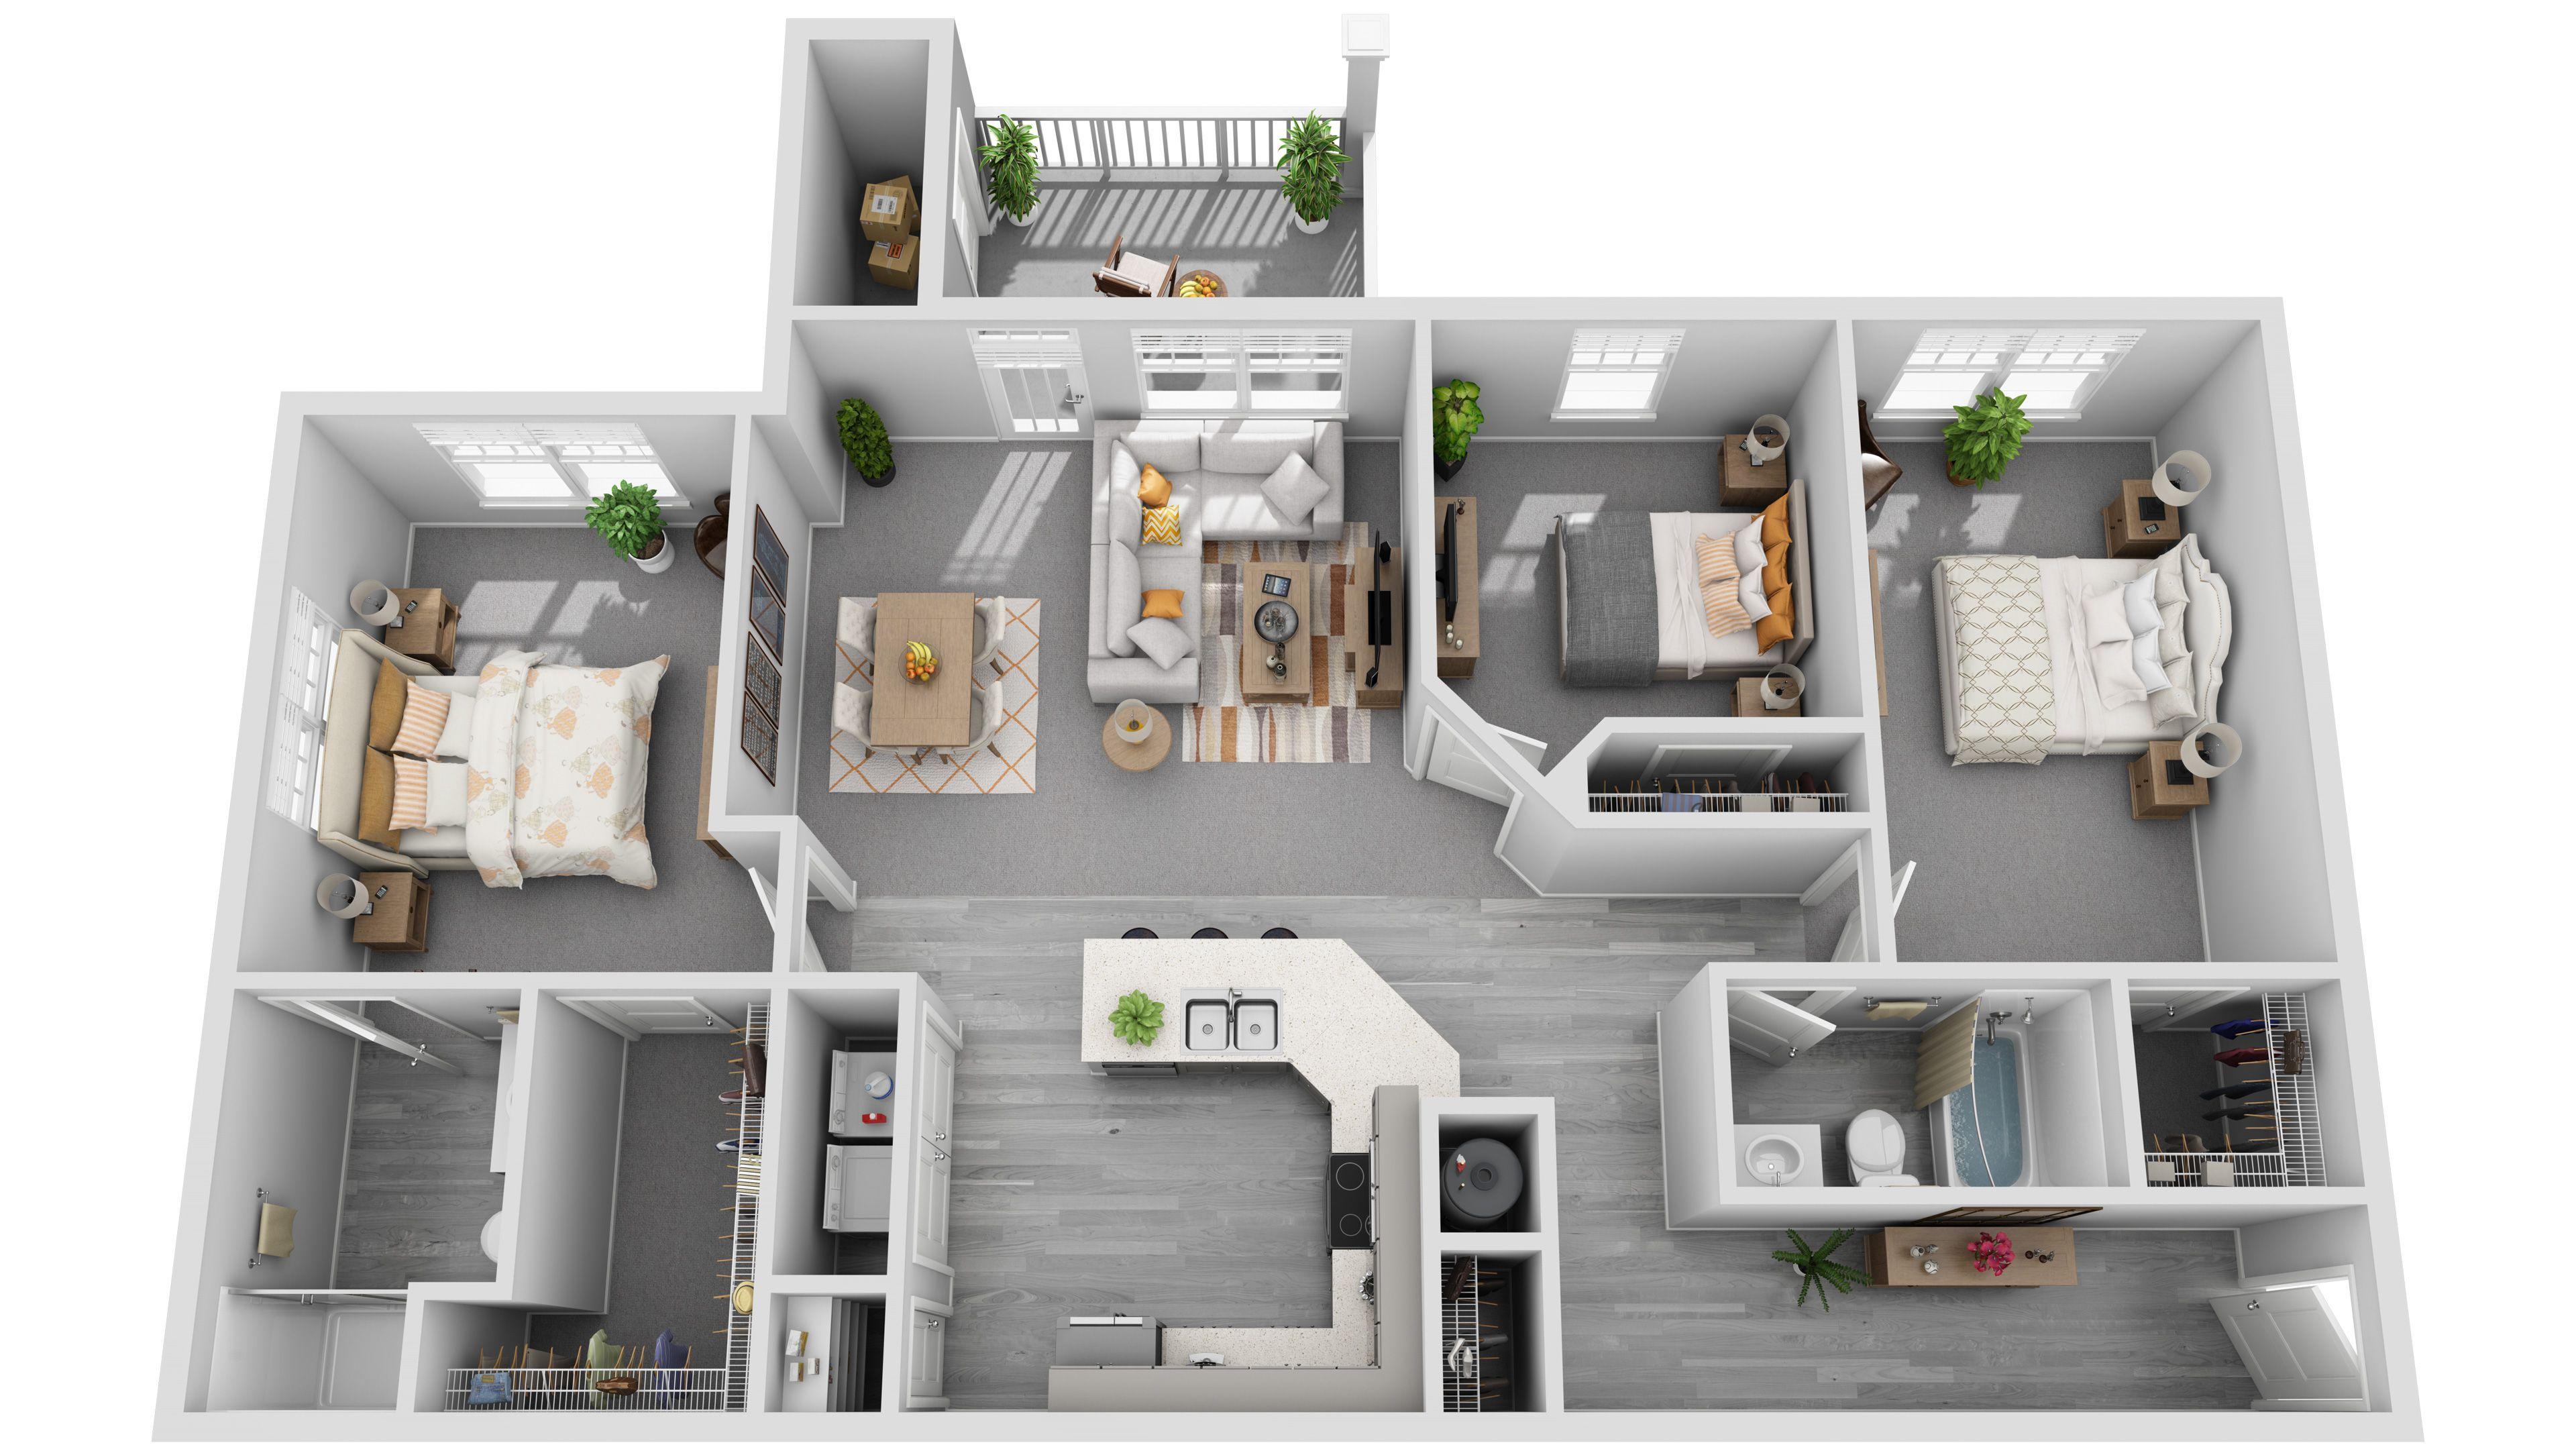 Gallery 3d Plans 3dplans House Layout Plans Architectural House Plans Floor Plan Design